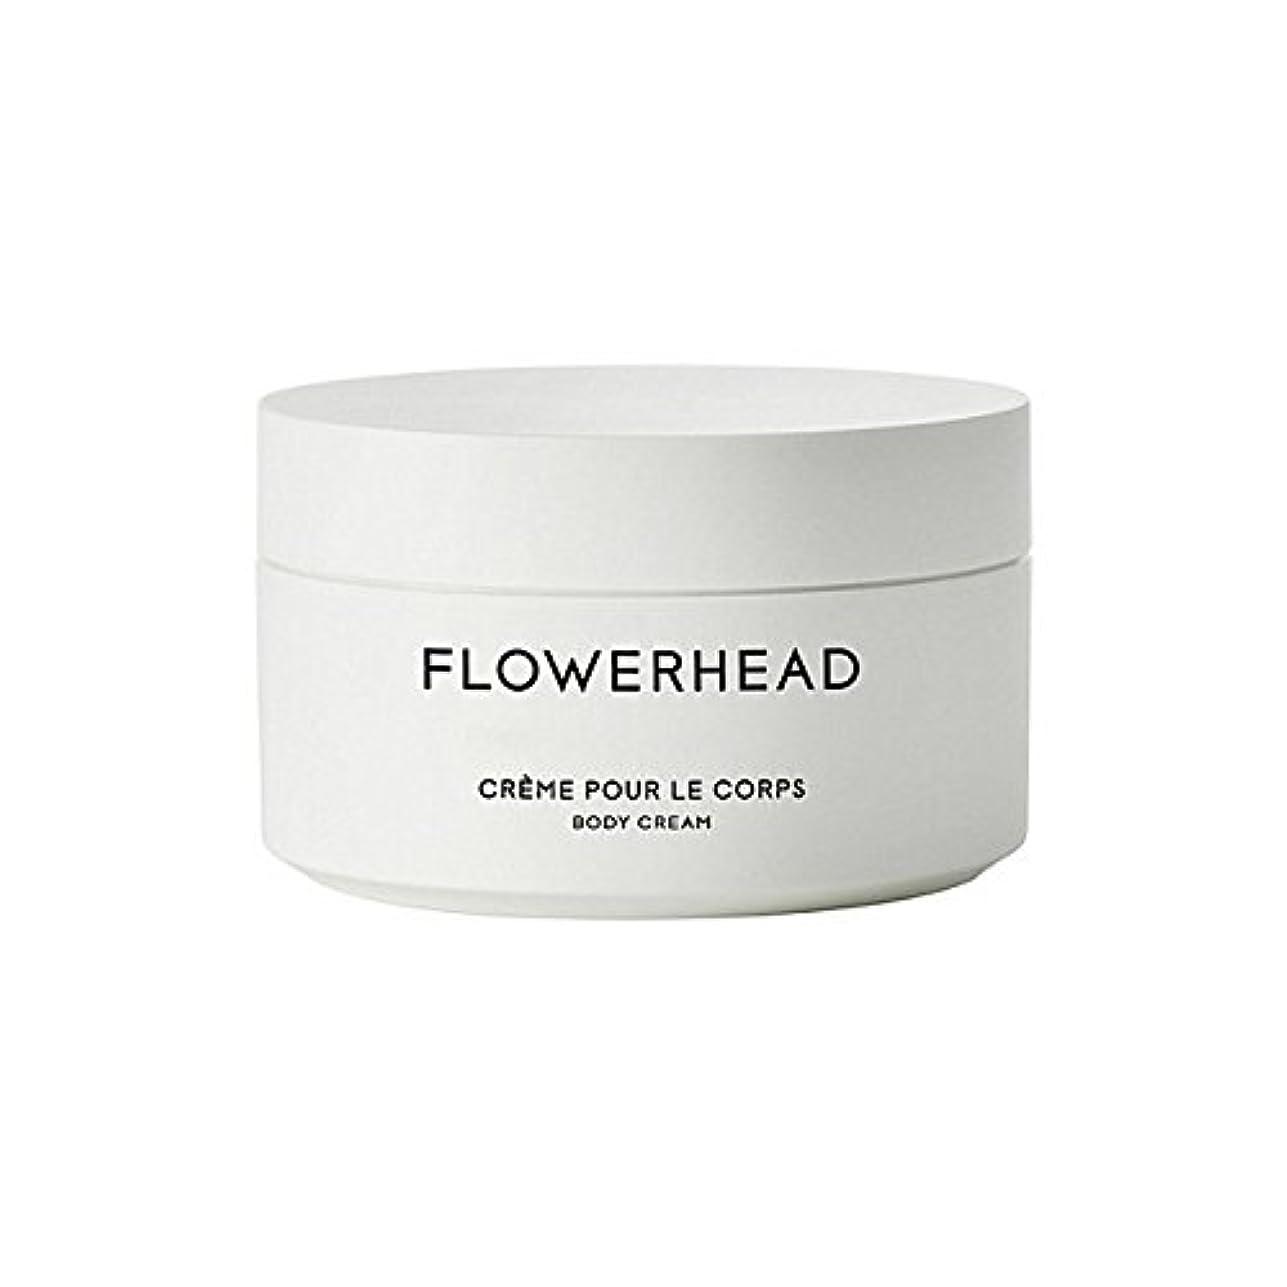 散る変装壊れたボディクリーム200ミリリットル x4 - Byredo Flowerhead Body Cream 200ml (Pack of 4) [並行輸入品]